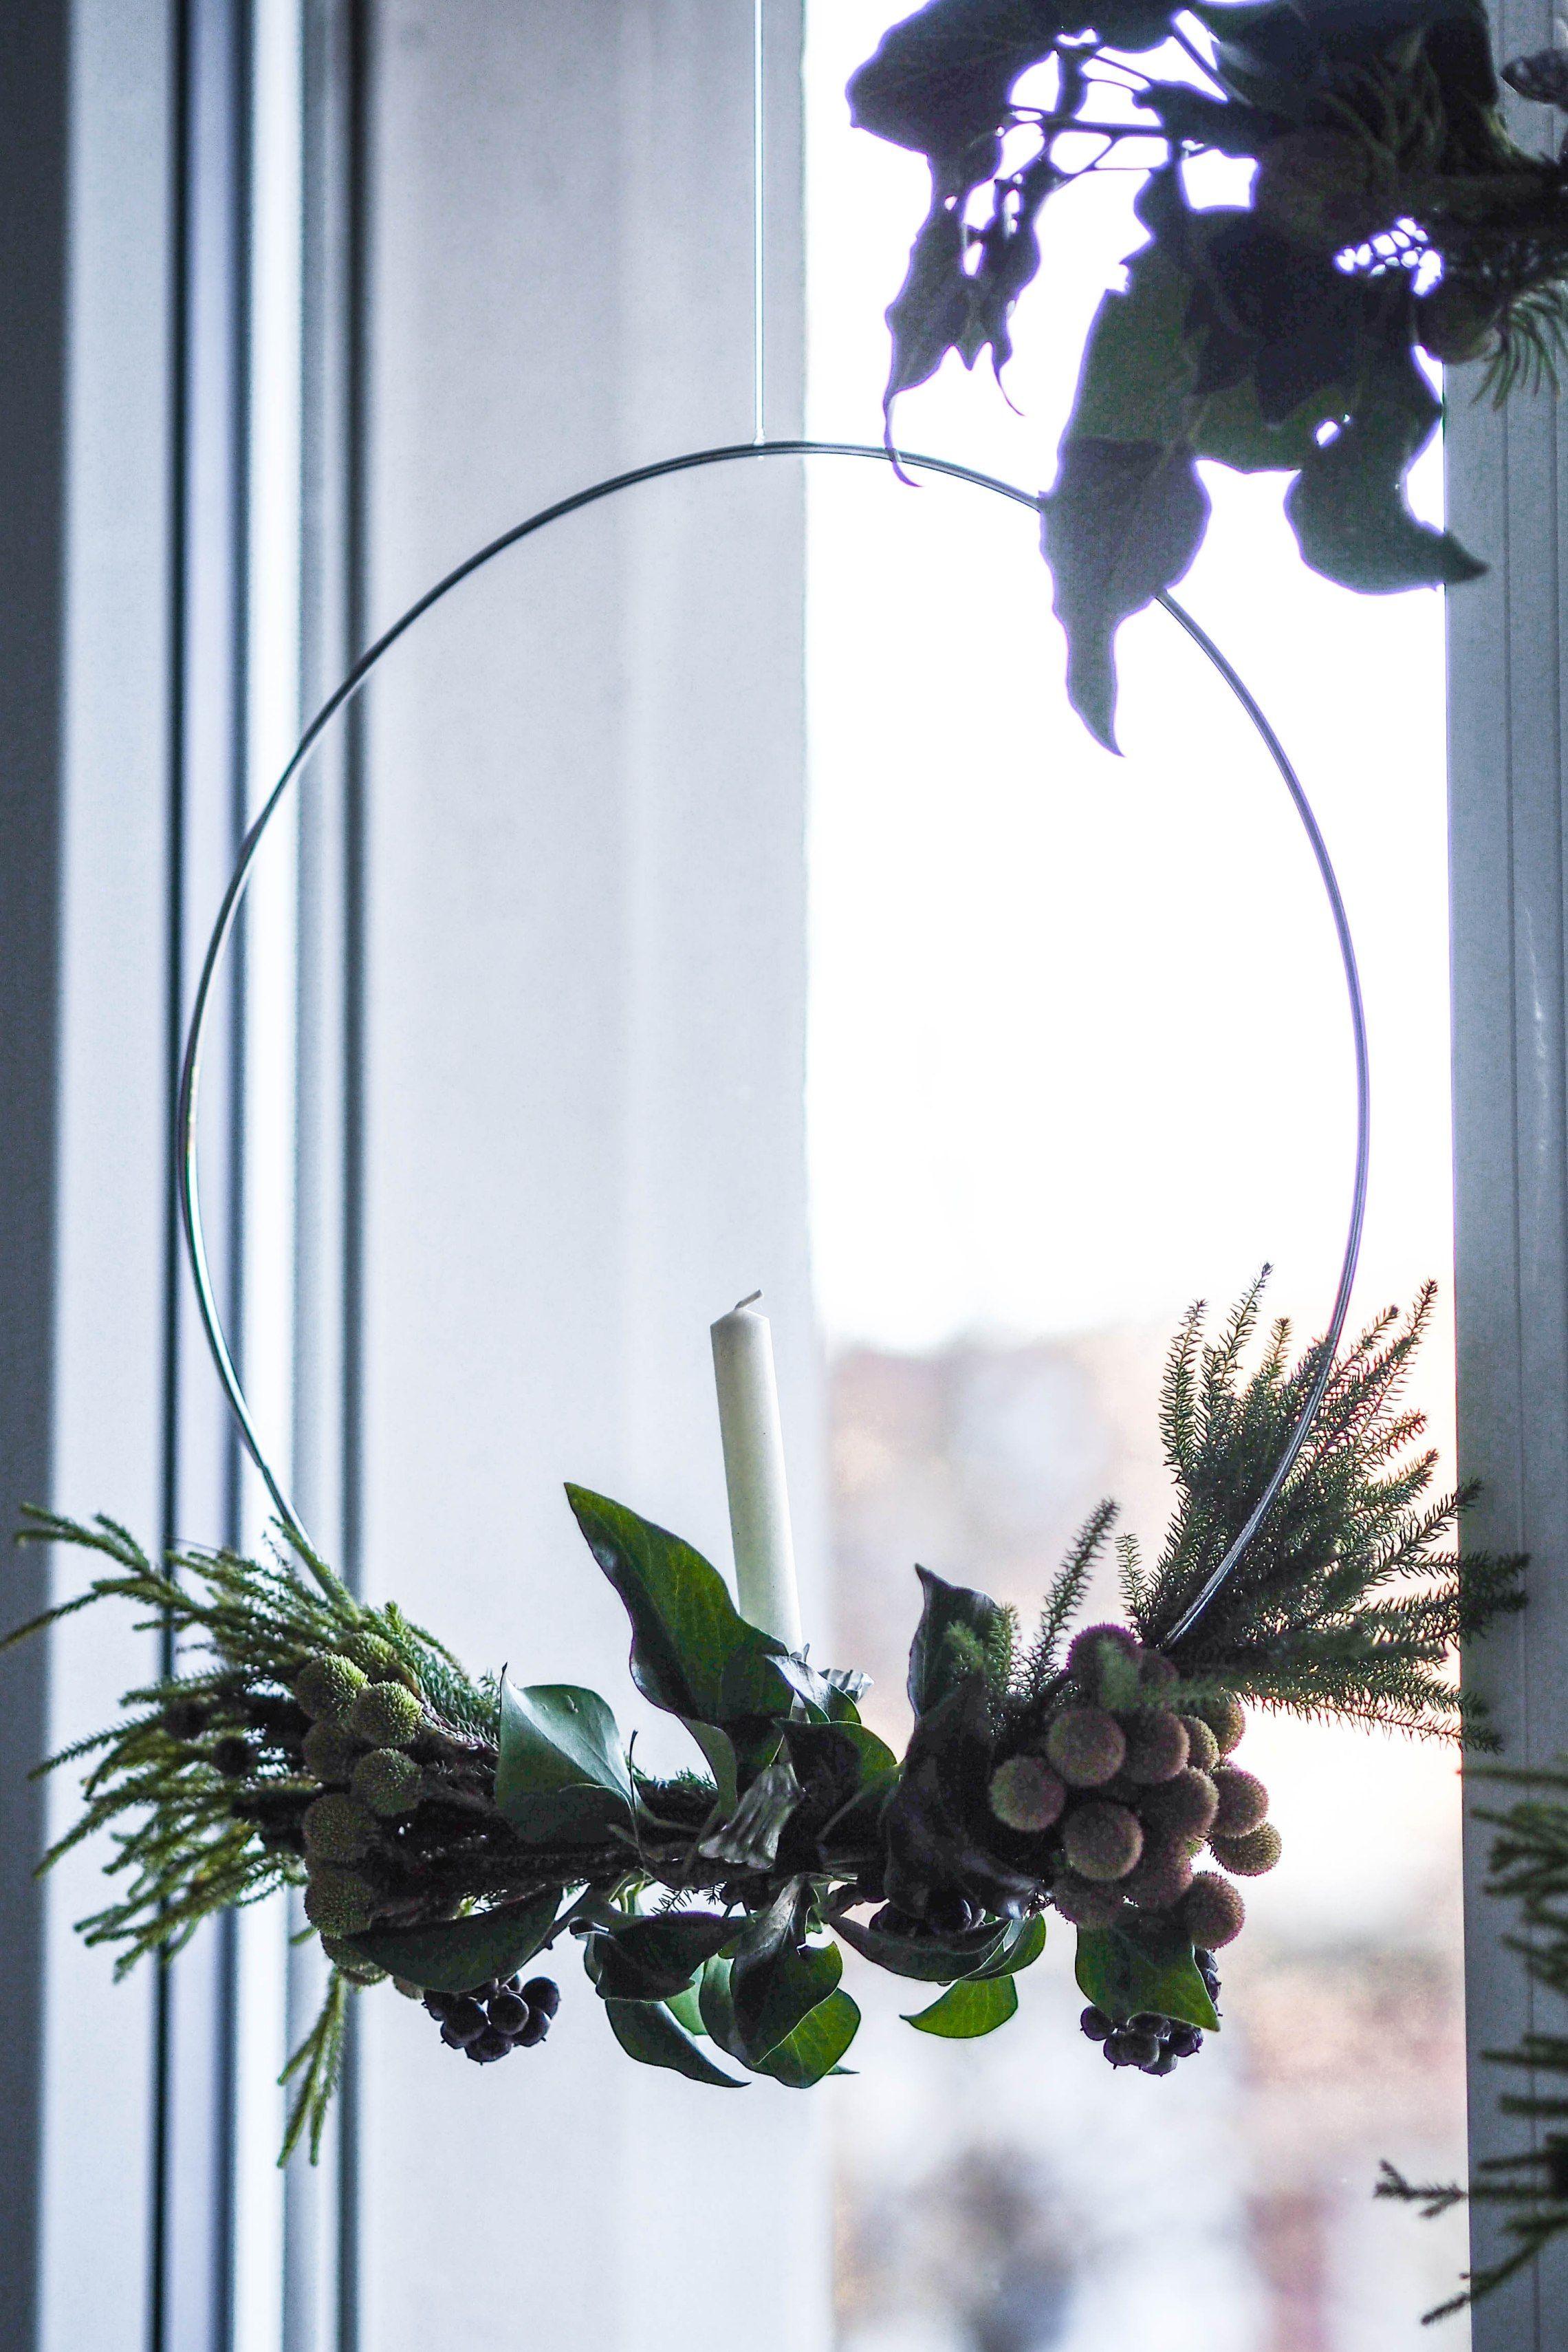 Lasst uns ein Kränzchen winden! Mit dieser DIY-Anleitung binden wir uns einen schlicht-festlichen Adventskranz im skandinavischen Stil – einfach und schnell! #adventskranzskandinavisch